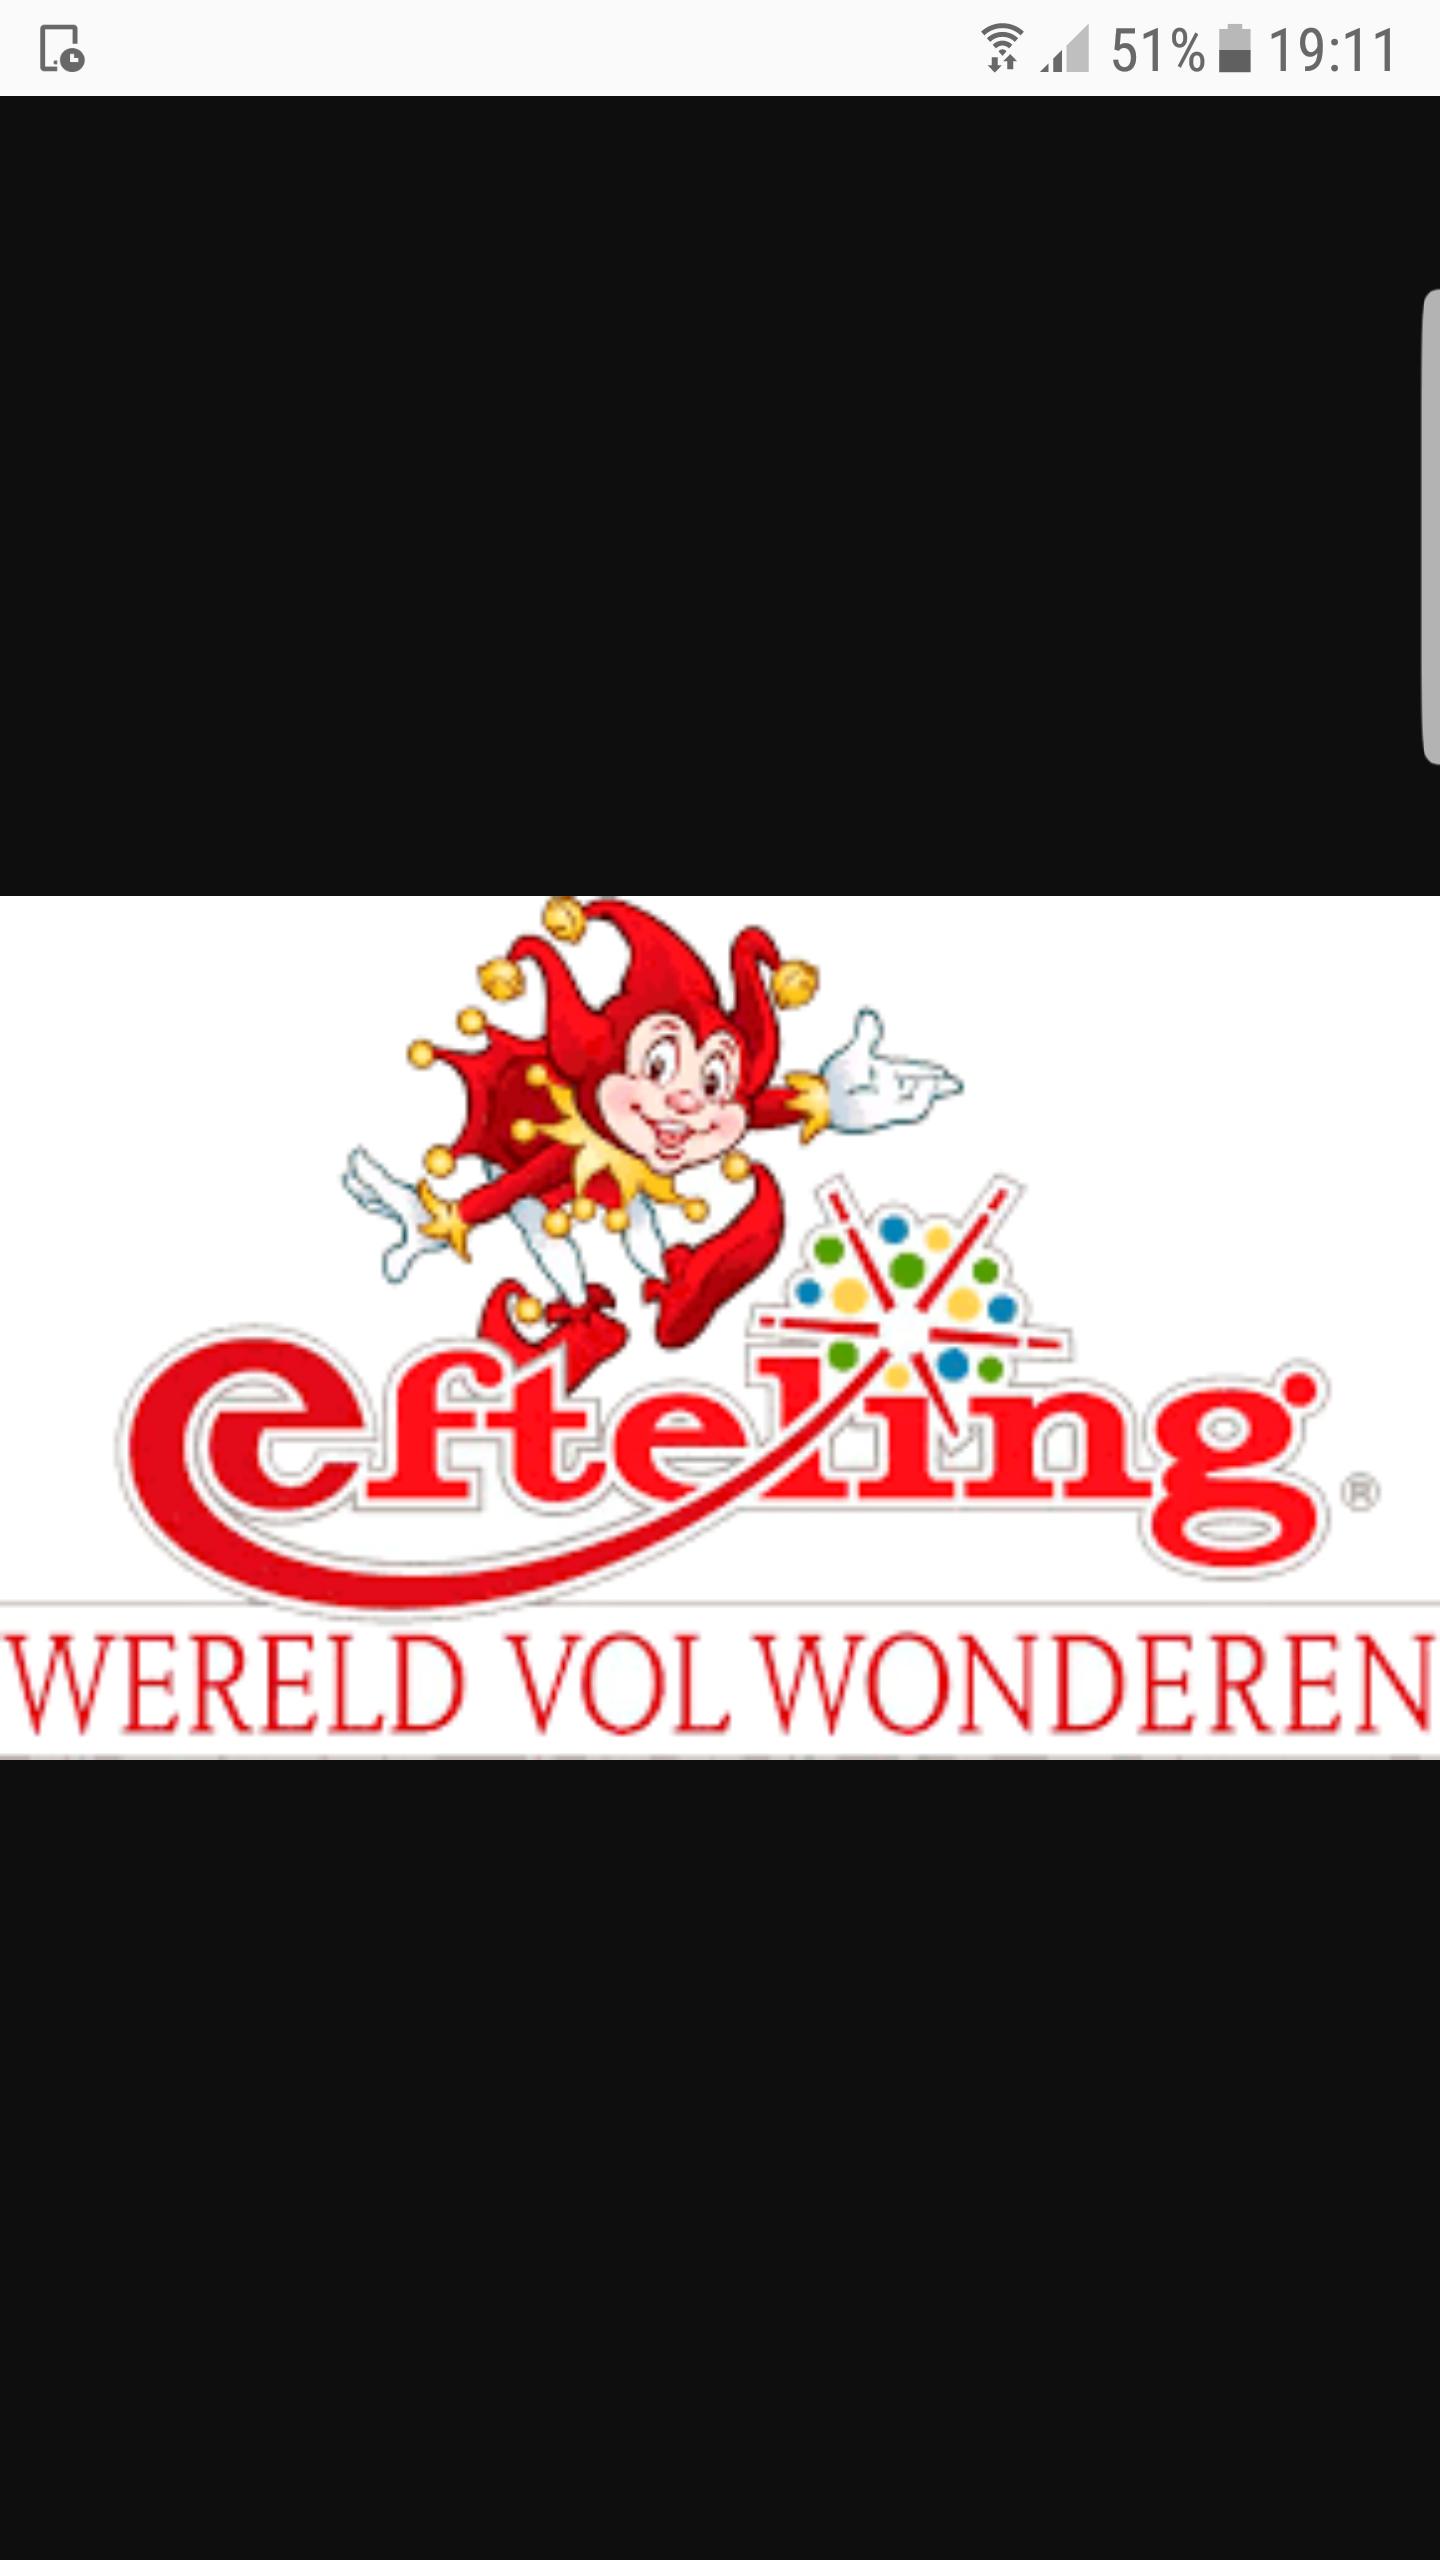 Lang weekend Efteling voor 109.75 p.p.: 4 dagen Efteling + 3 overnachtingen Bosrijk incl. eindschoonmaak en parkeren (o.b.v. 4 of 6 personen)